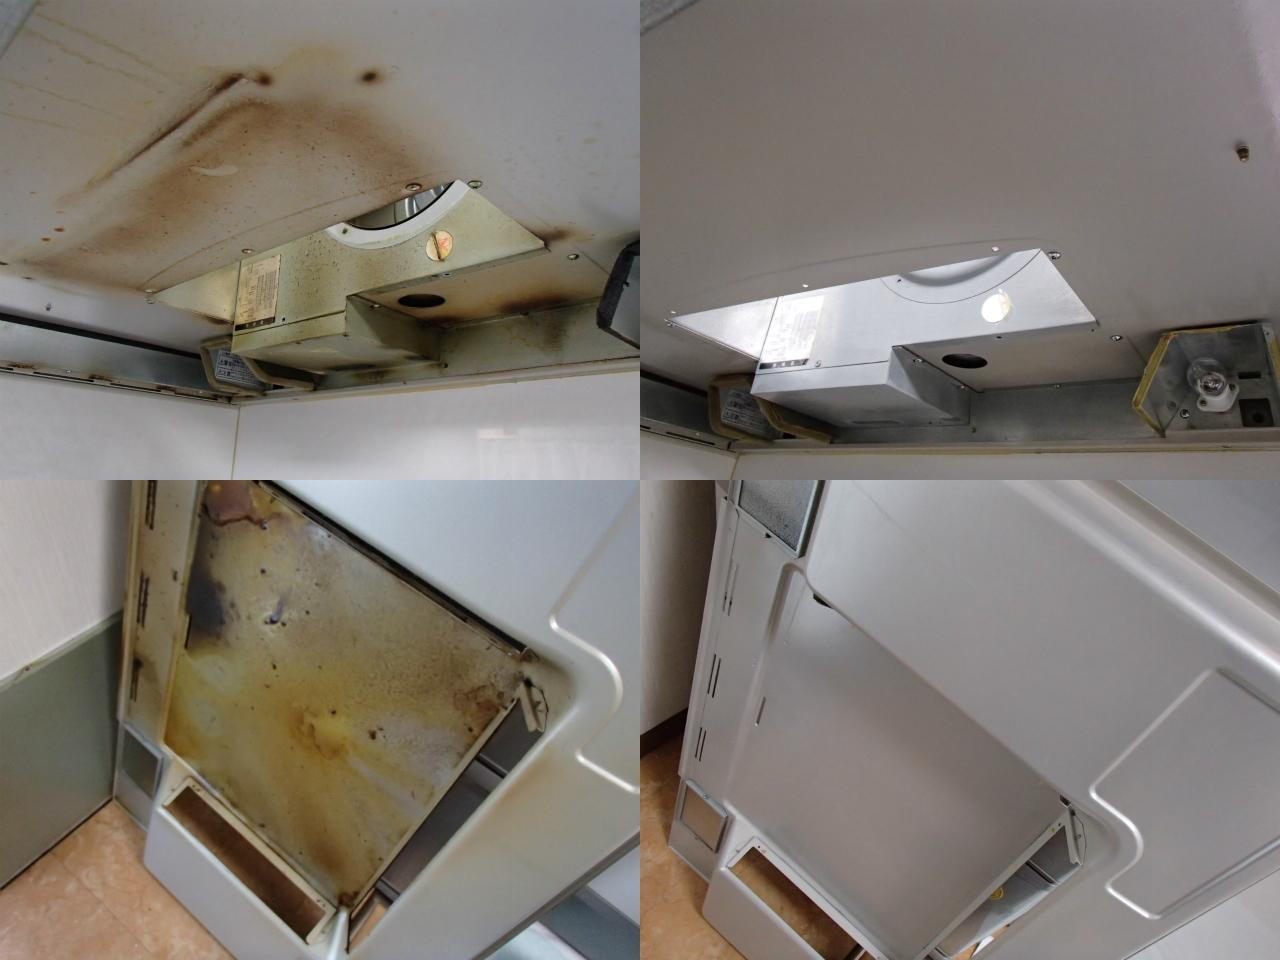 http://ajras.net/images/121128-hood1.jpg